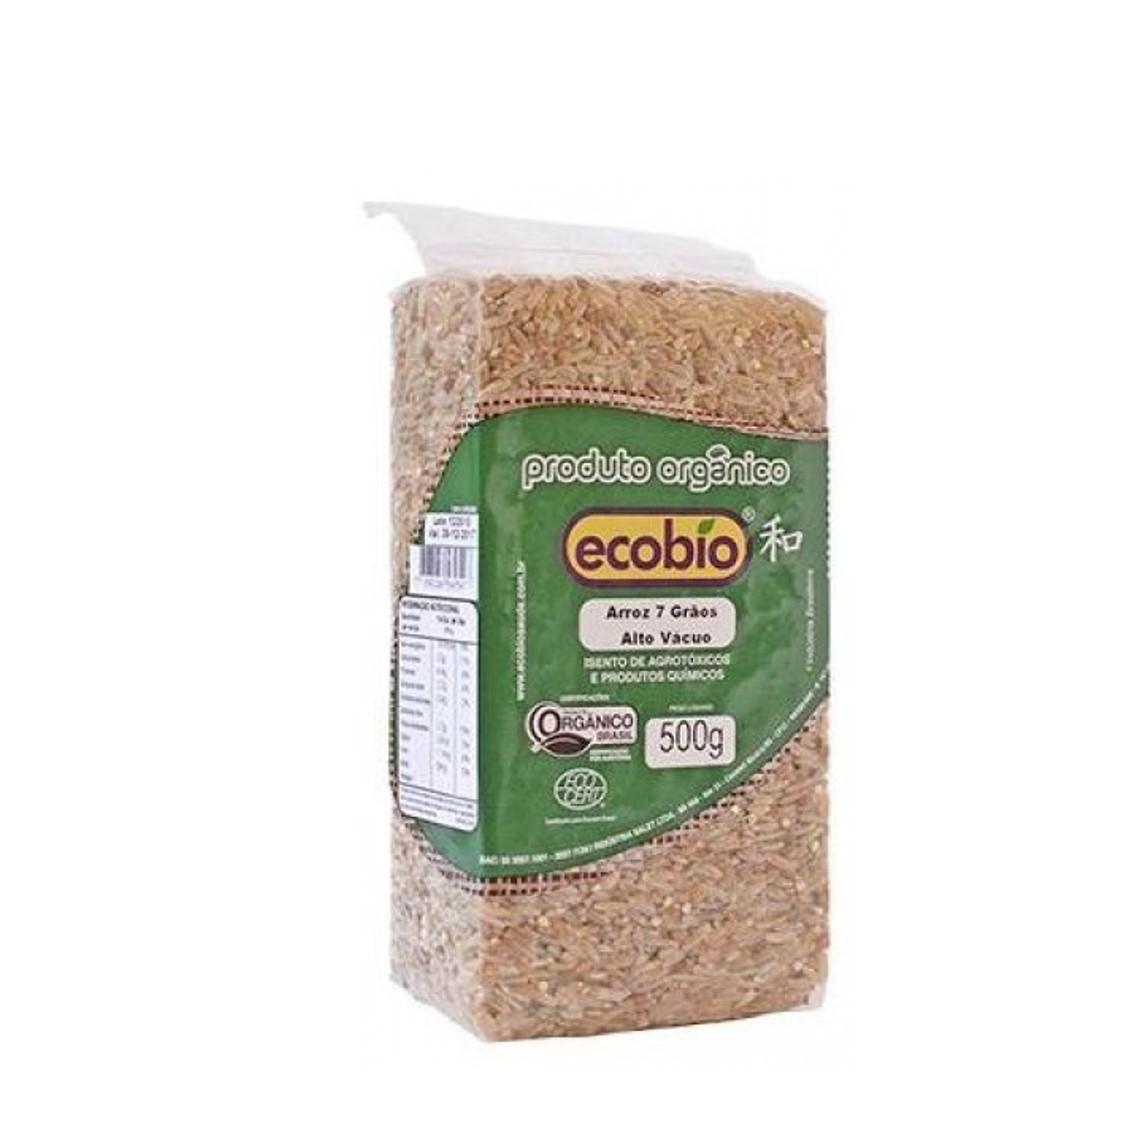 Arroz 7 Grãos (500g) – Ecobio